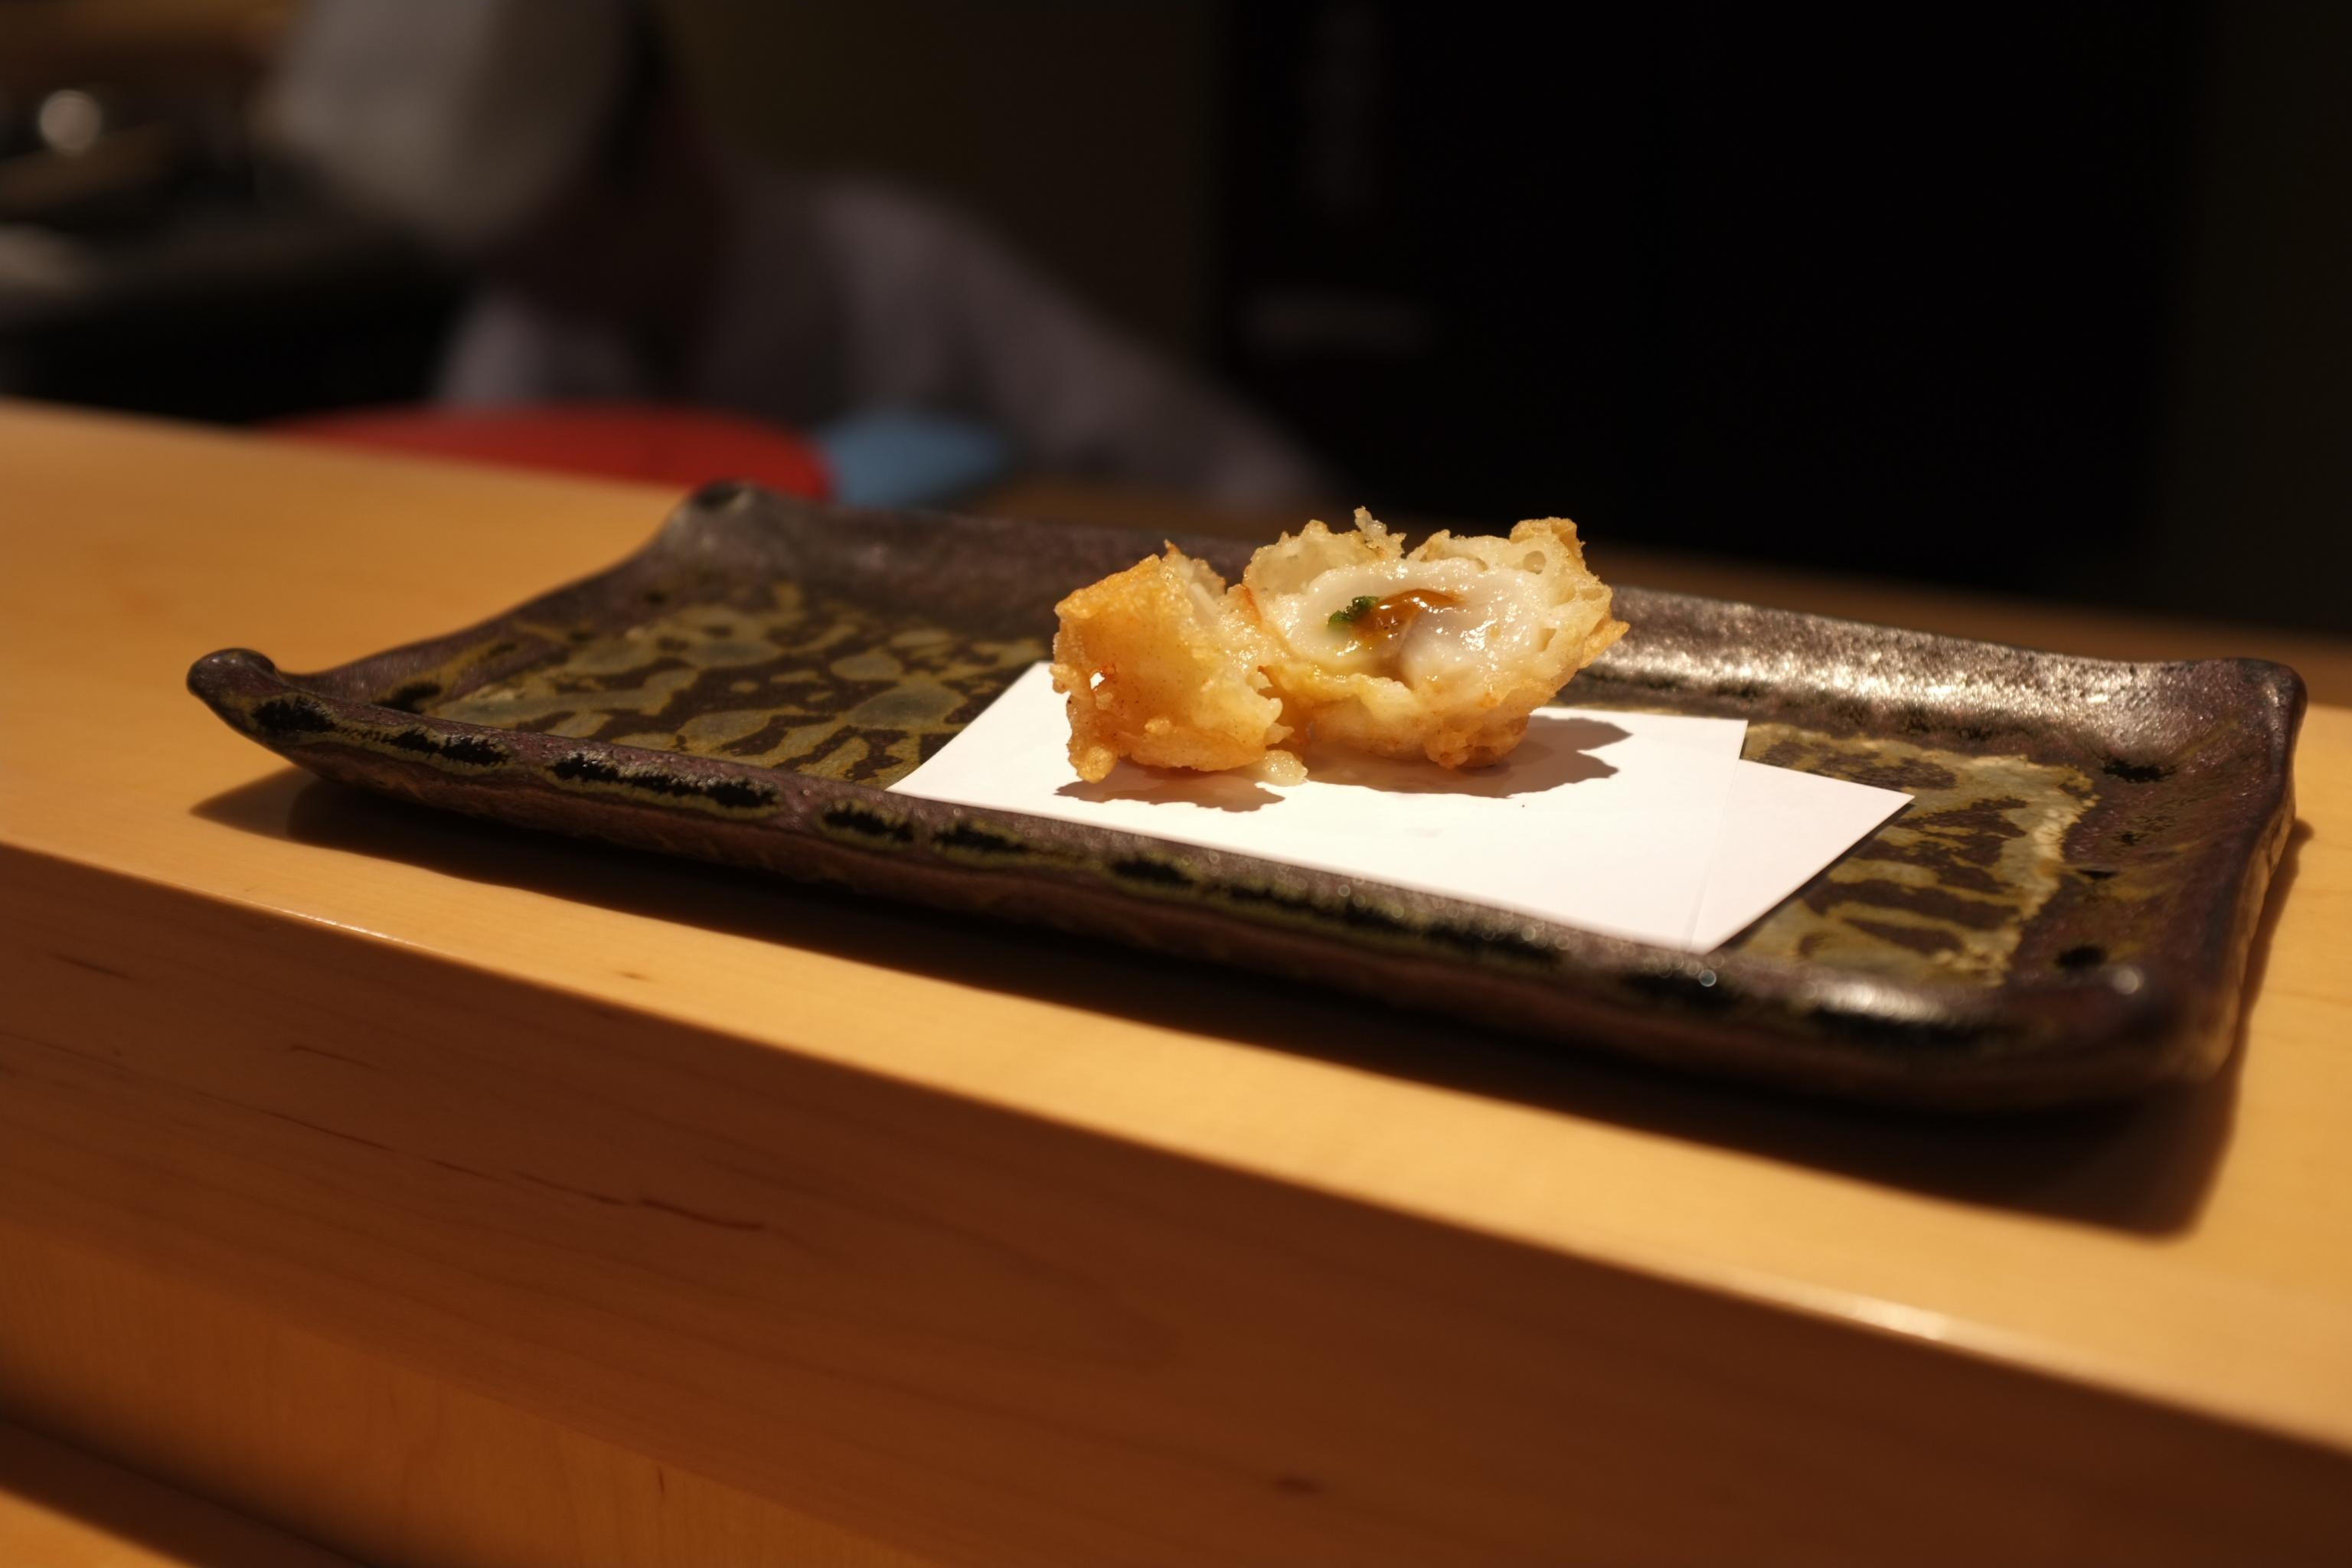 Scallop and sea urchin